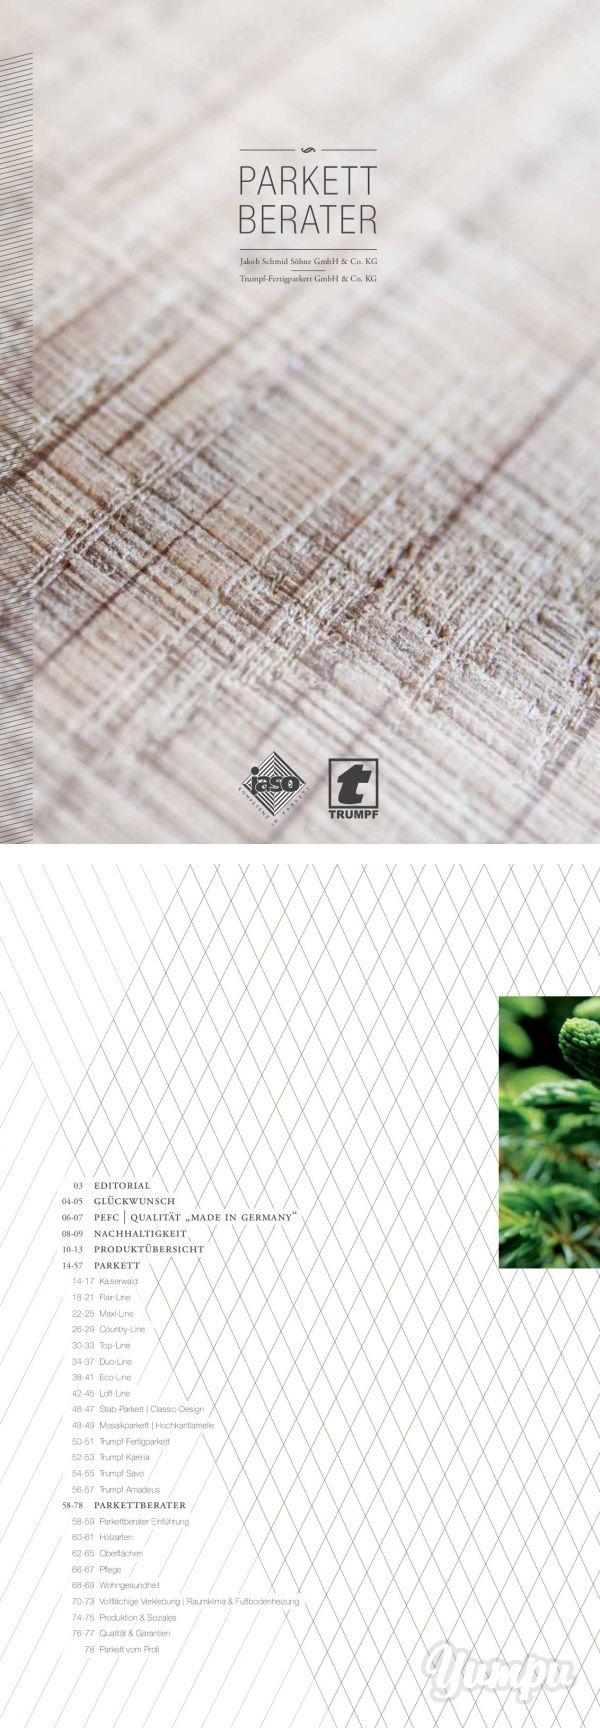 Jaso - digitaler Parkett Berater - In diesem Magazin erleben Sie den digitalen Parkett Berater zu den einzigartigen Parkettböden der Firma Jaso. Charakterstarke Böden perfekt in Szene gesetzt.